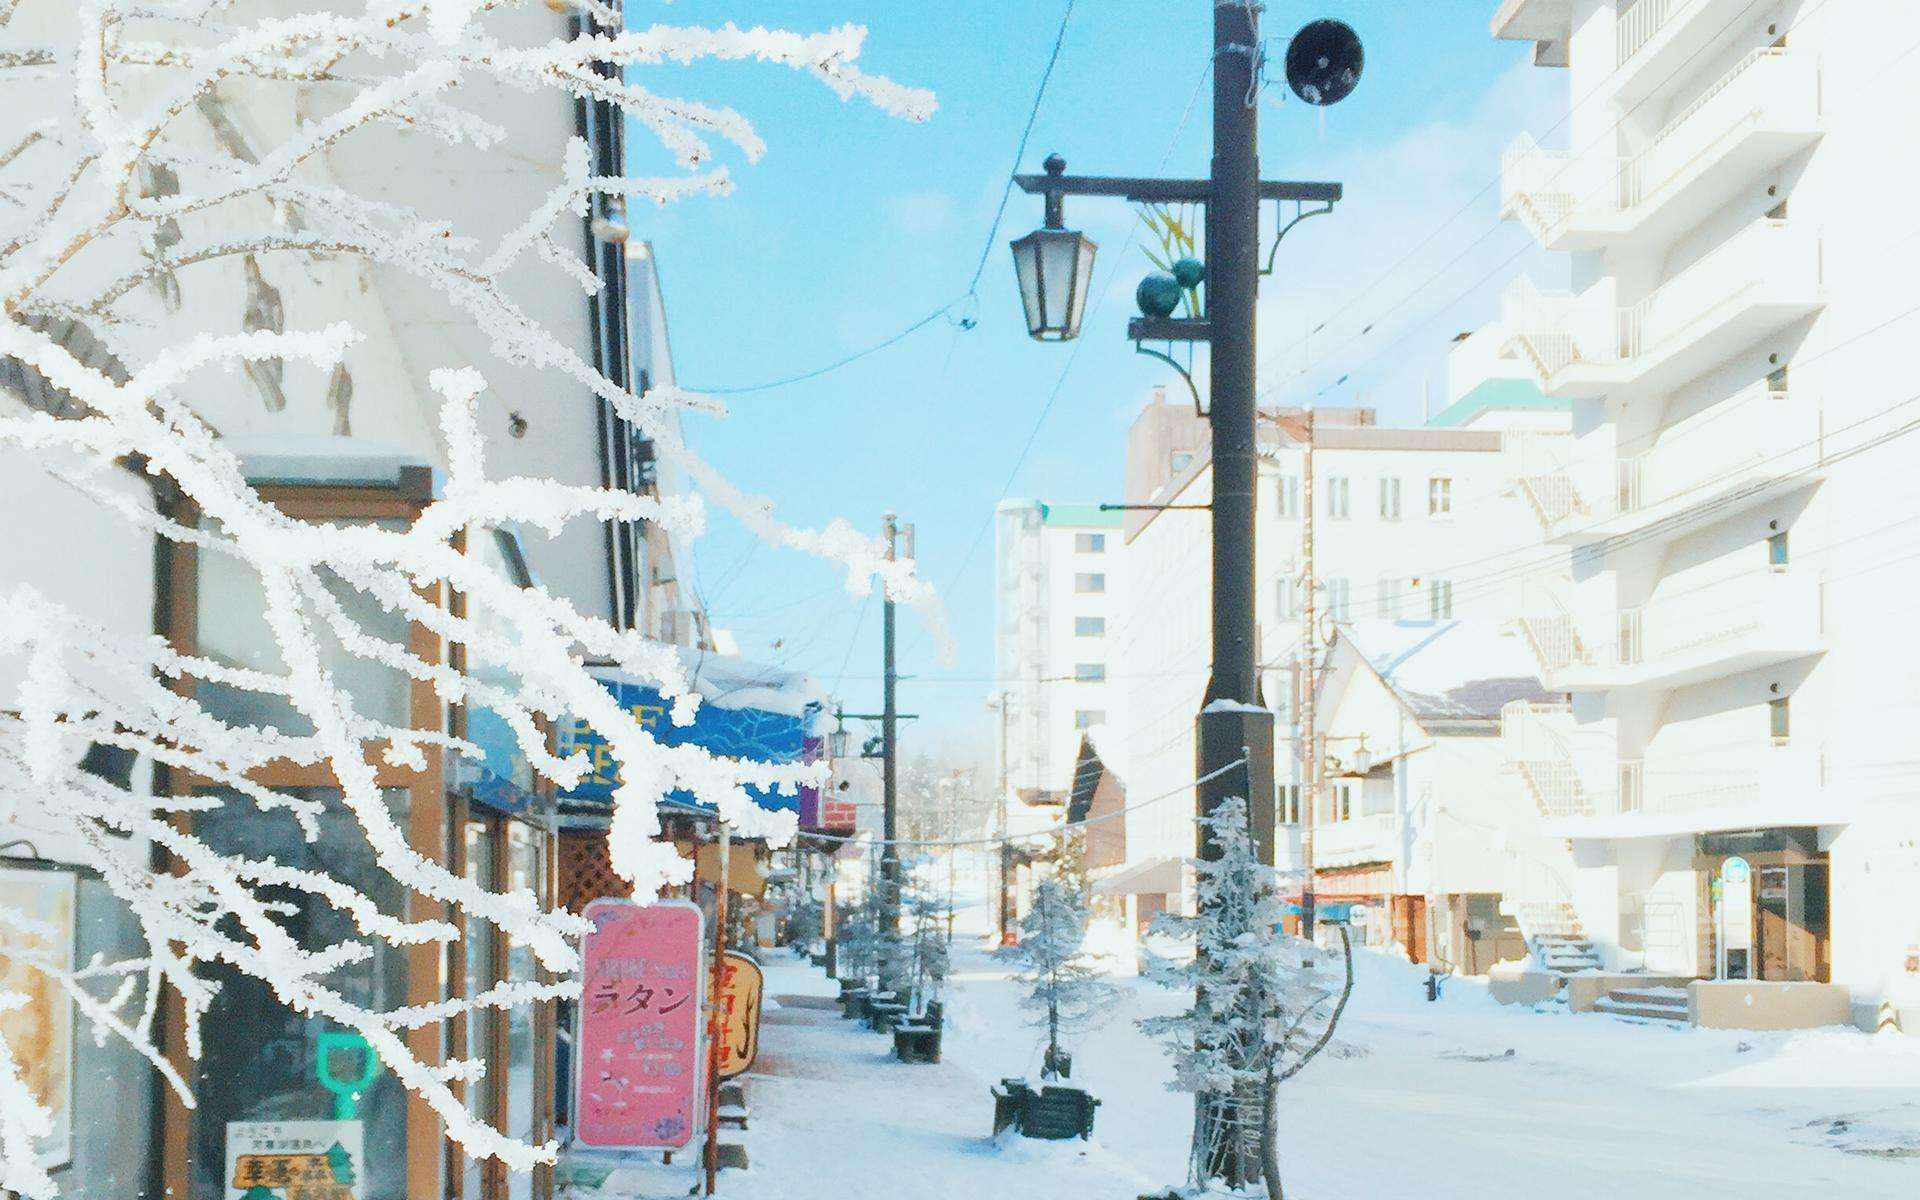 西诺教育:日本北海道旅游景点推荐!